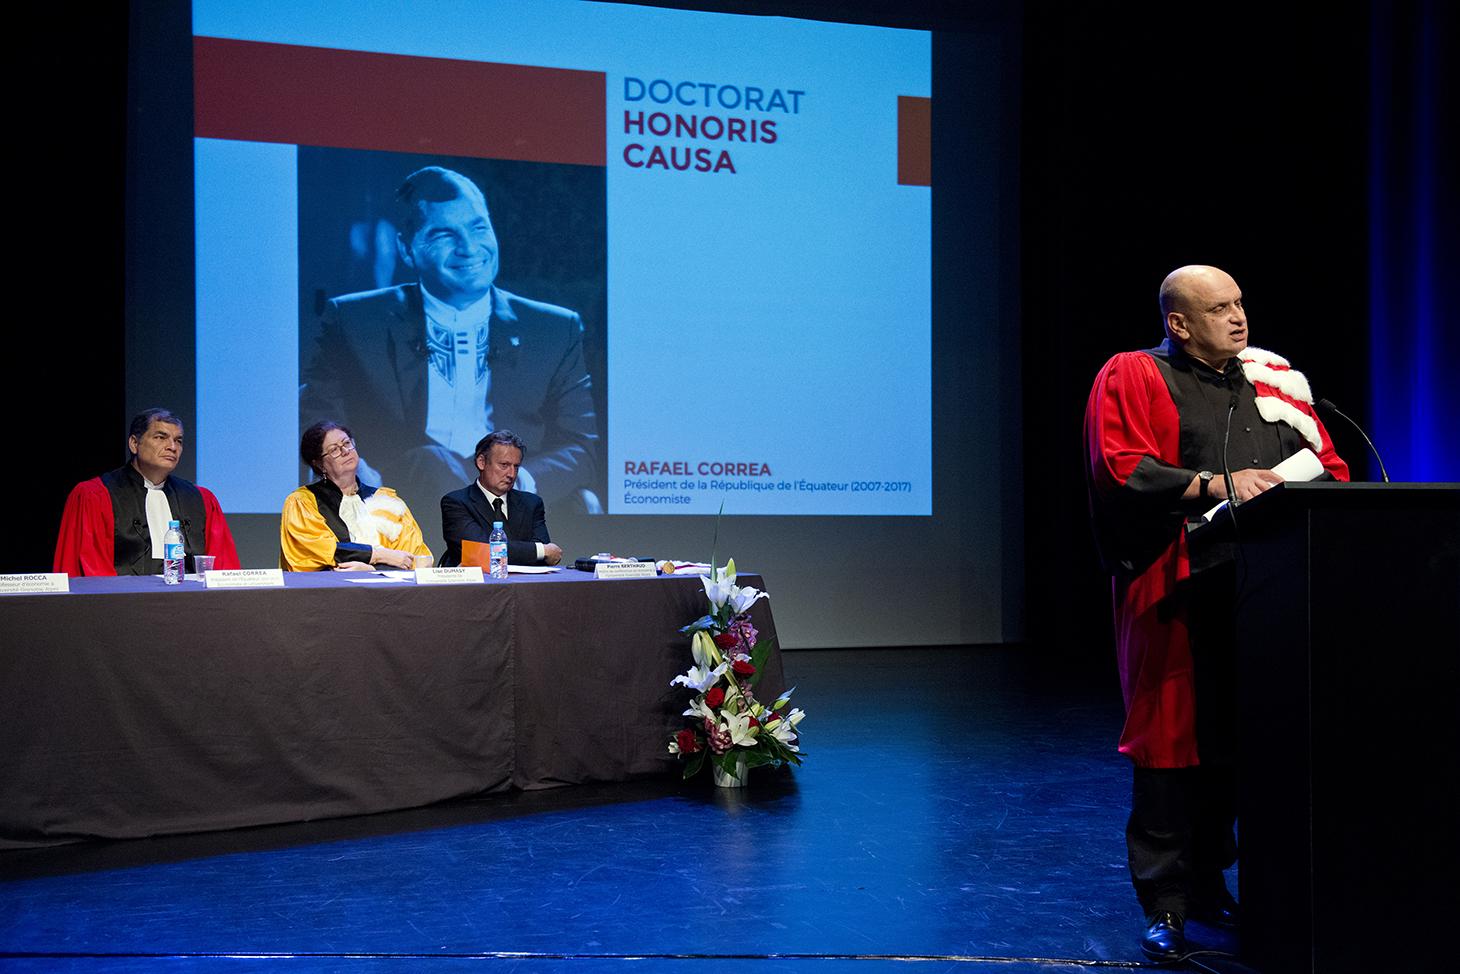 Éloge de Rafael Correa par son parrain Michel Rocca, professeur d'économie à l'UGA